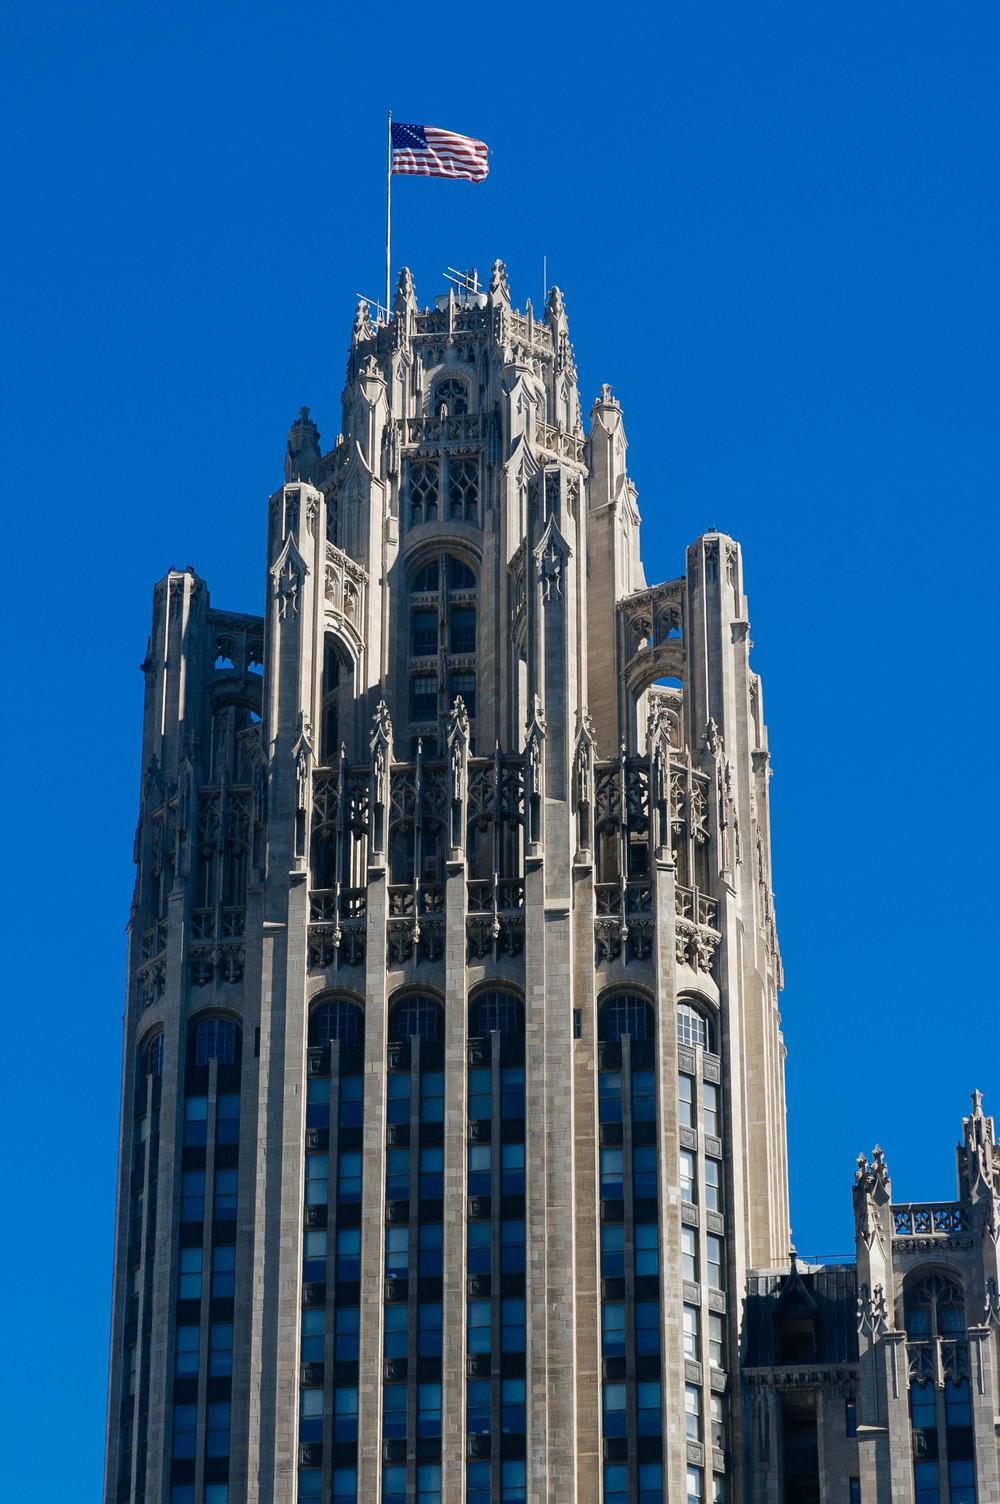 2008_0713_D70_ChicagoBoatTour_DSC_0004.jpg